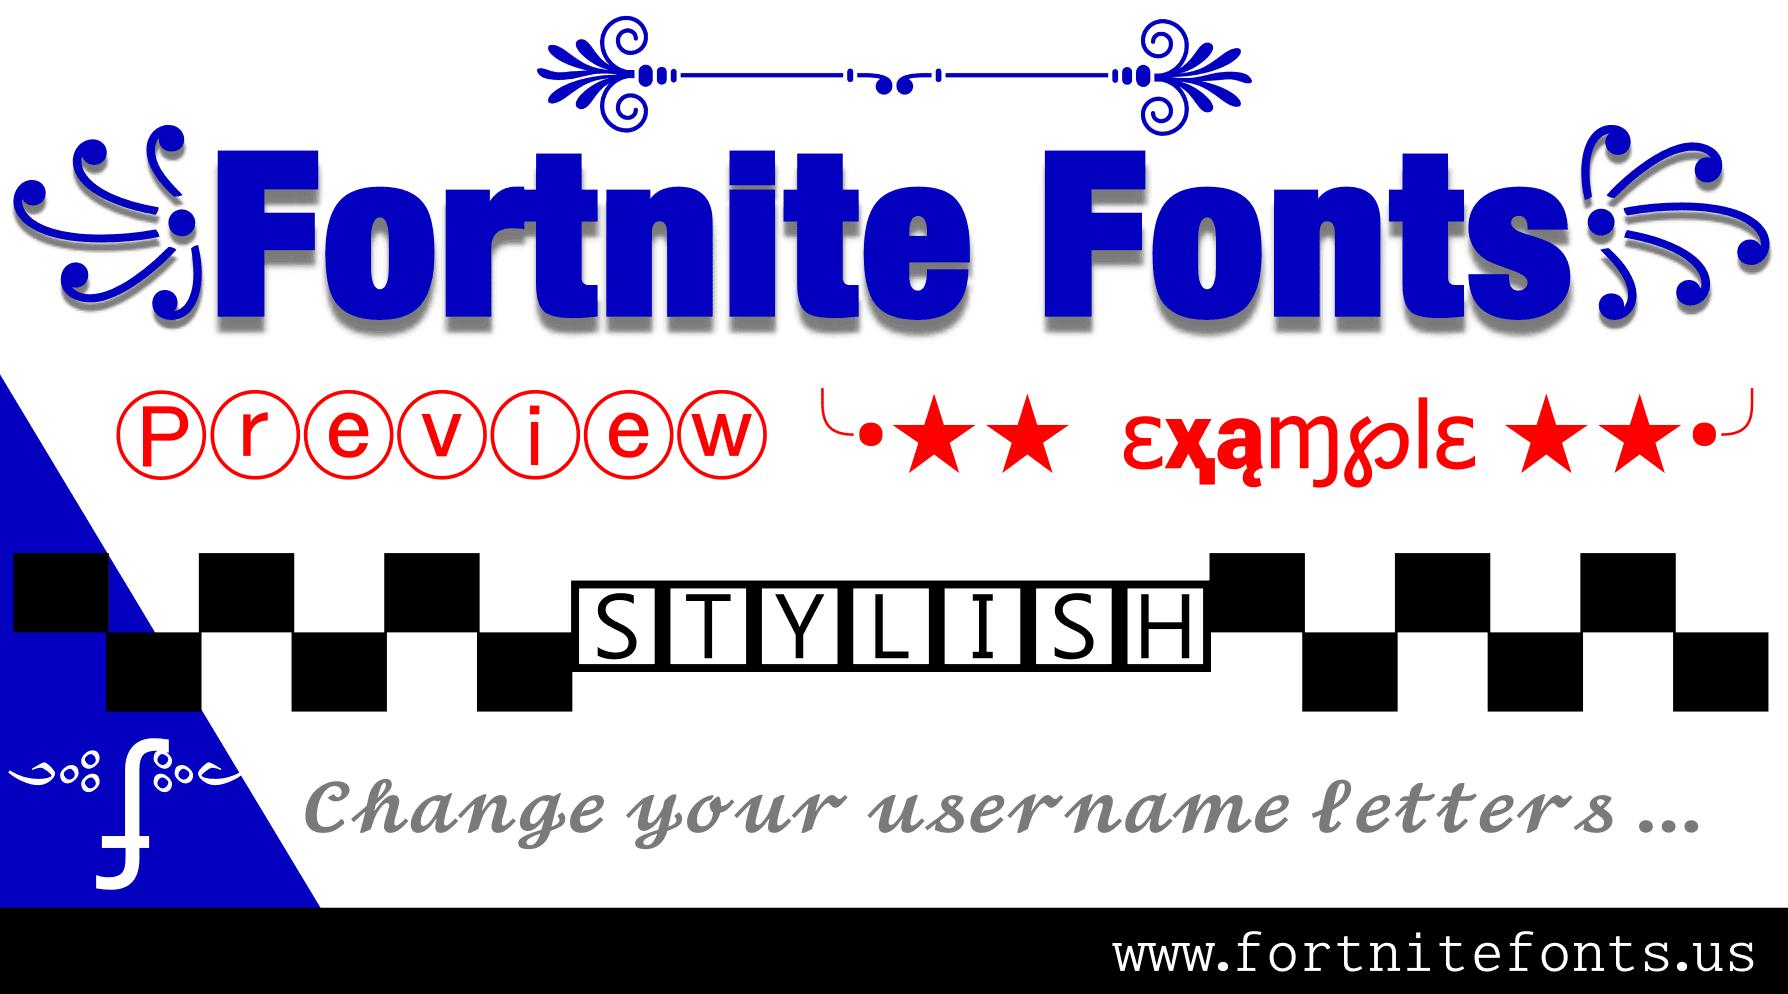 Fortnite Fonts